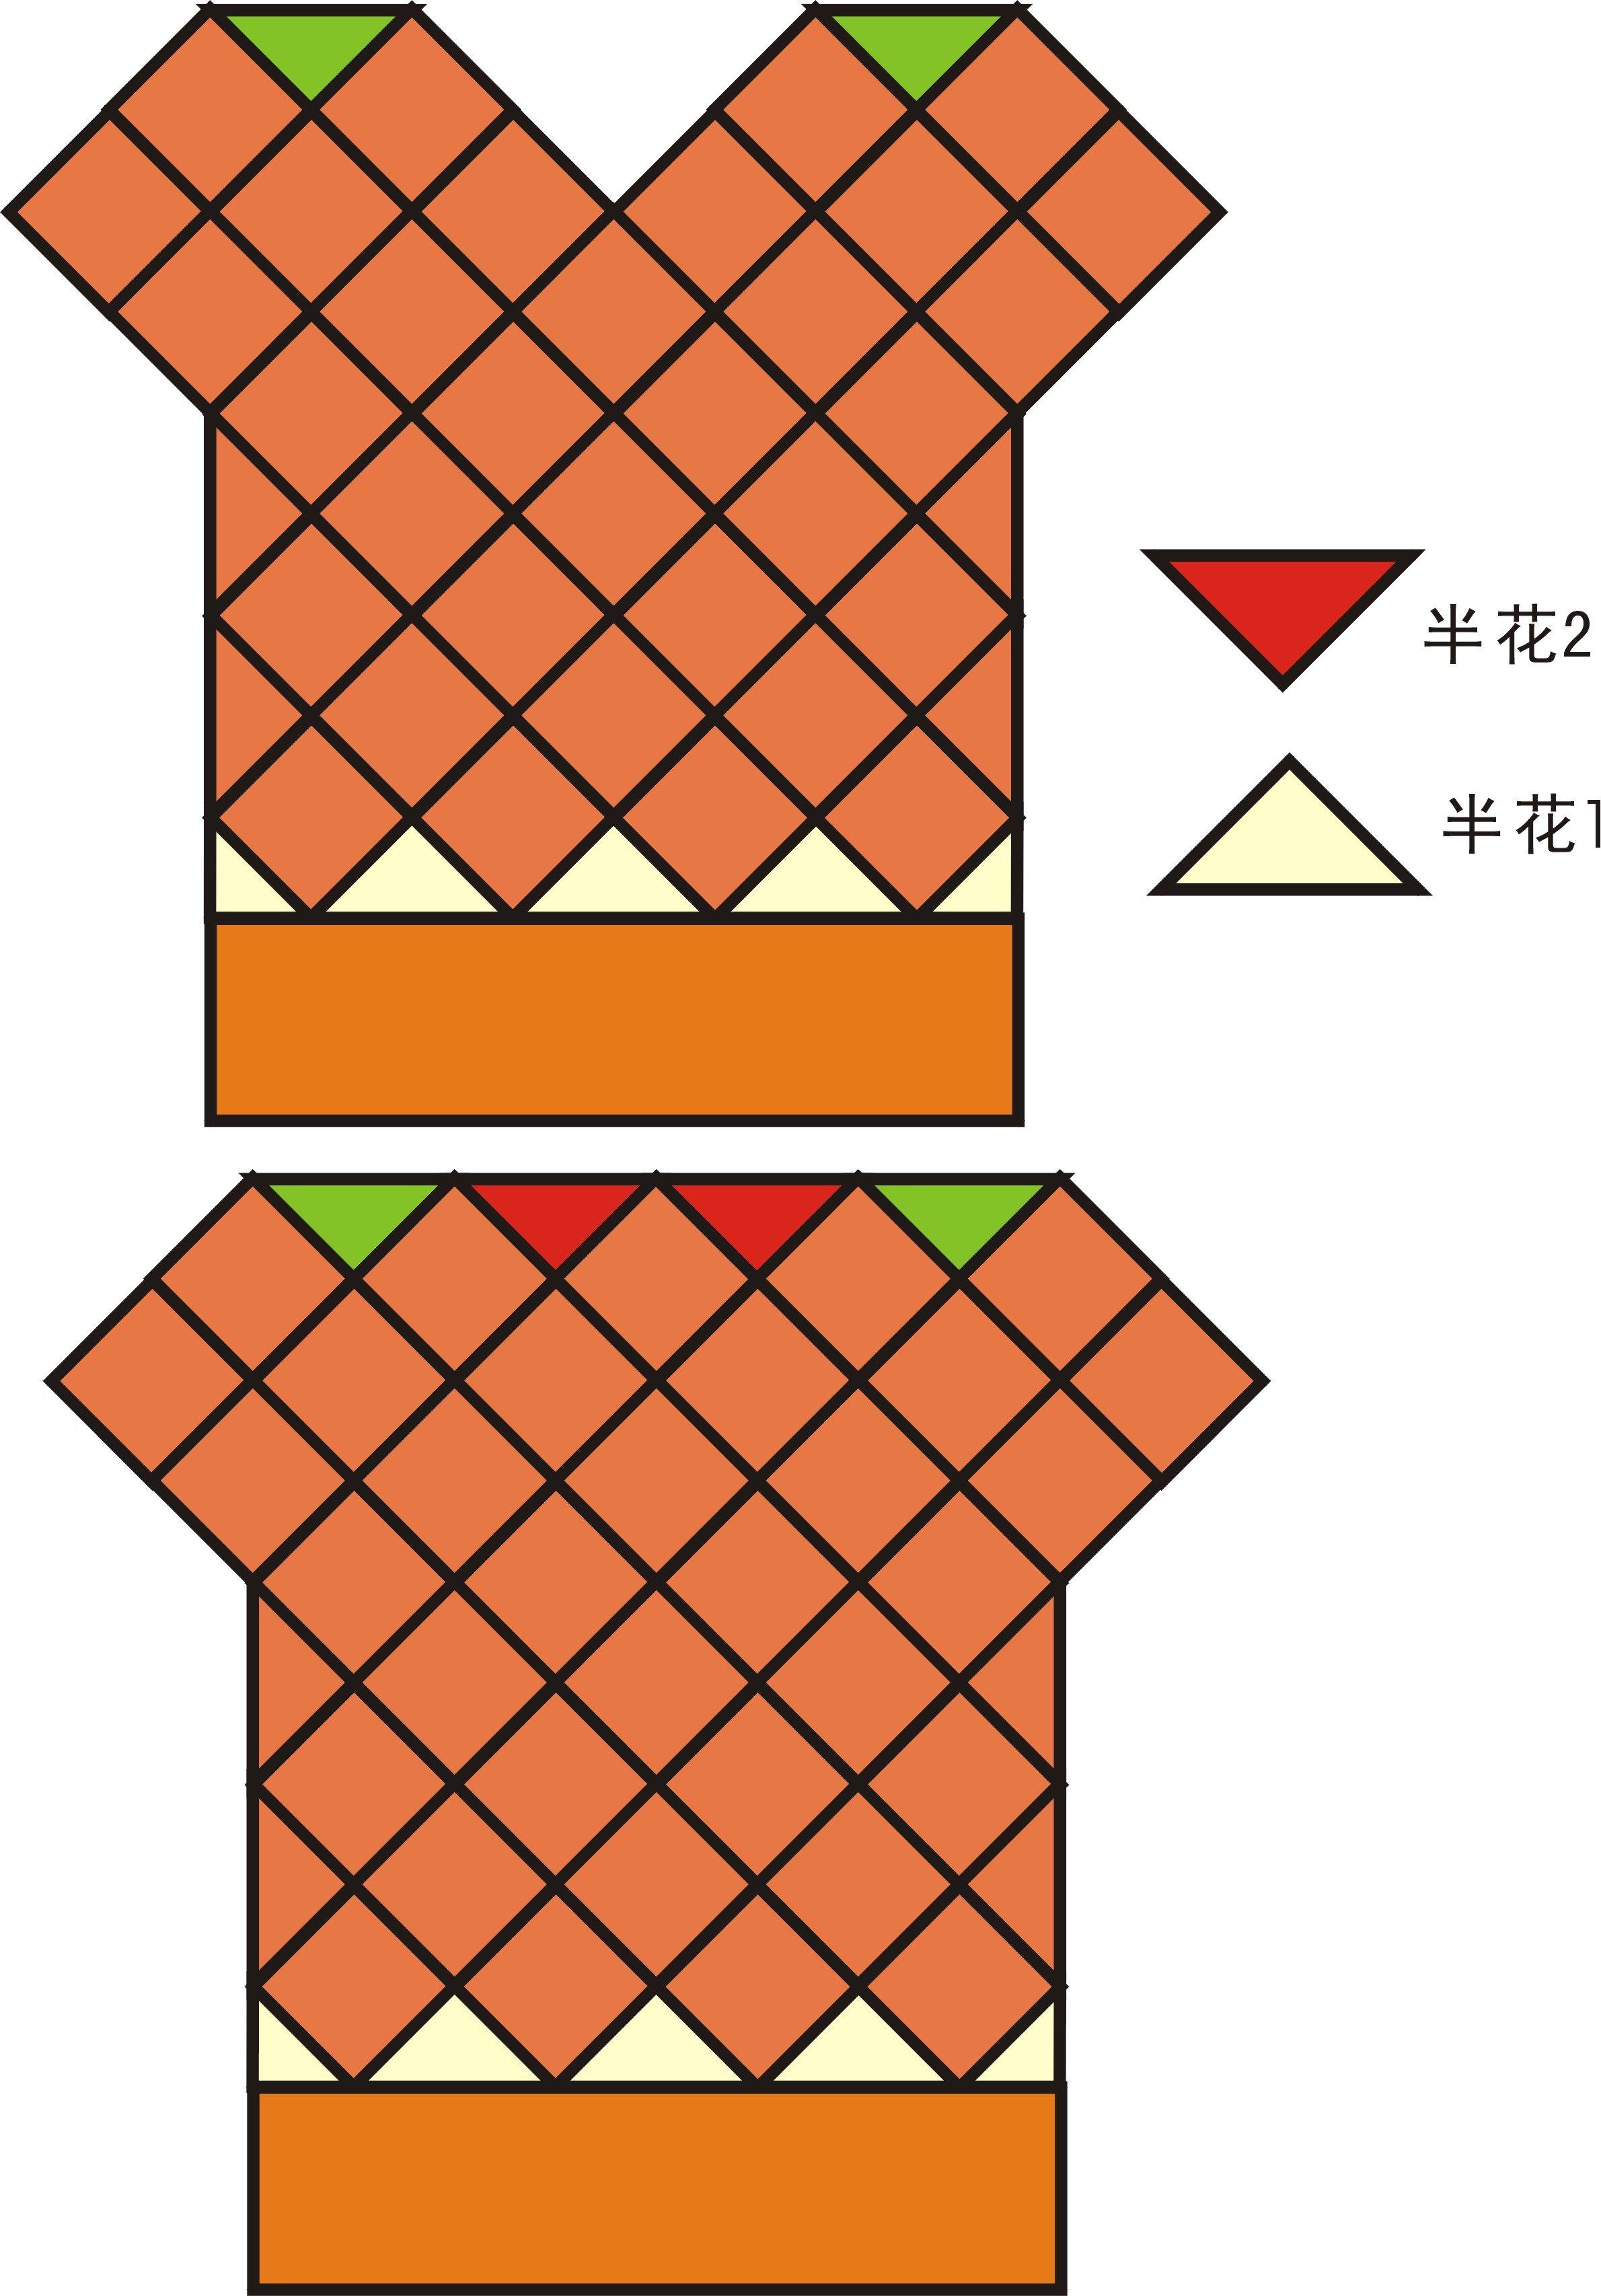 图形4.jpg